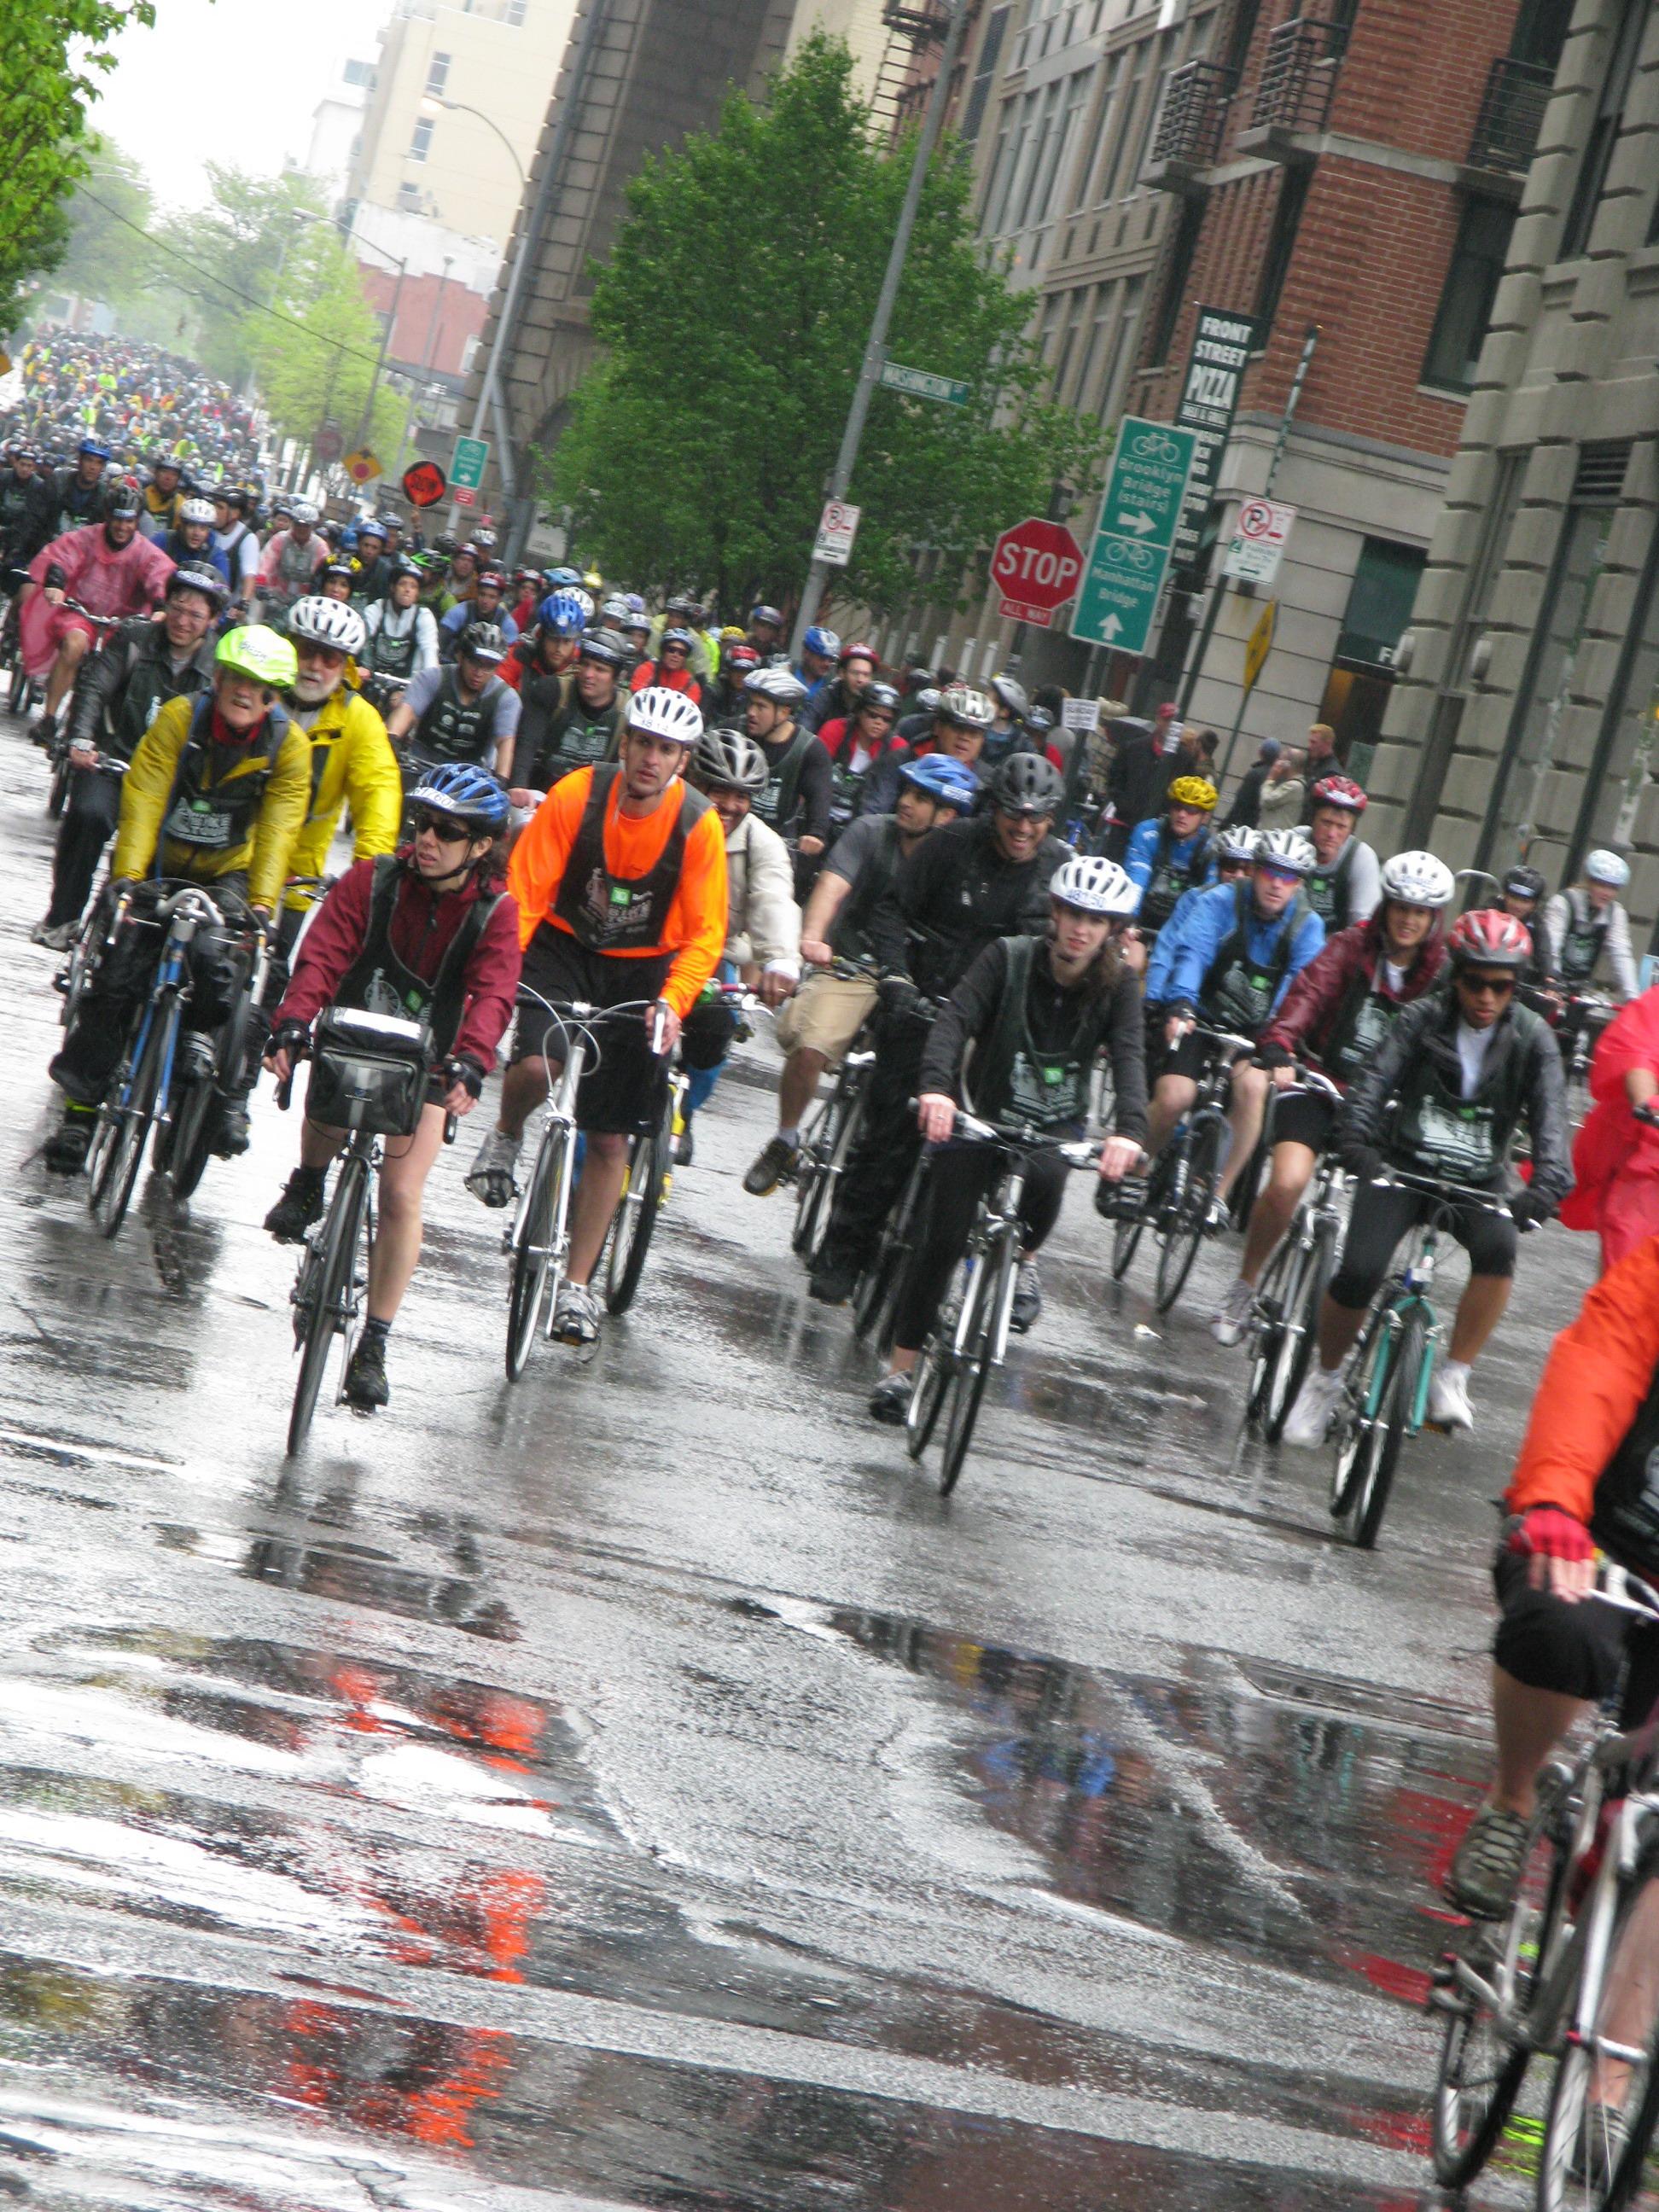 30000 Cyclistsve The Rain In New Yorks Five Boro Bike Ride